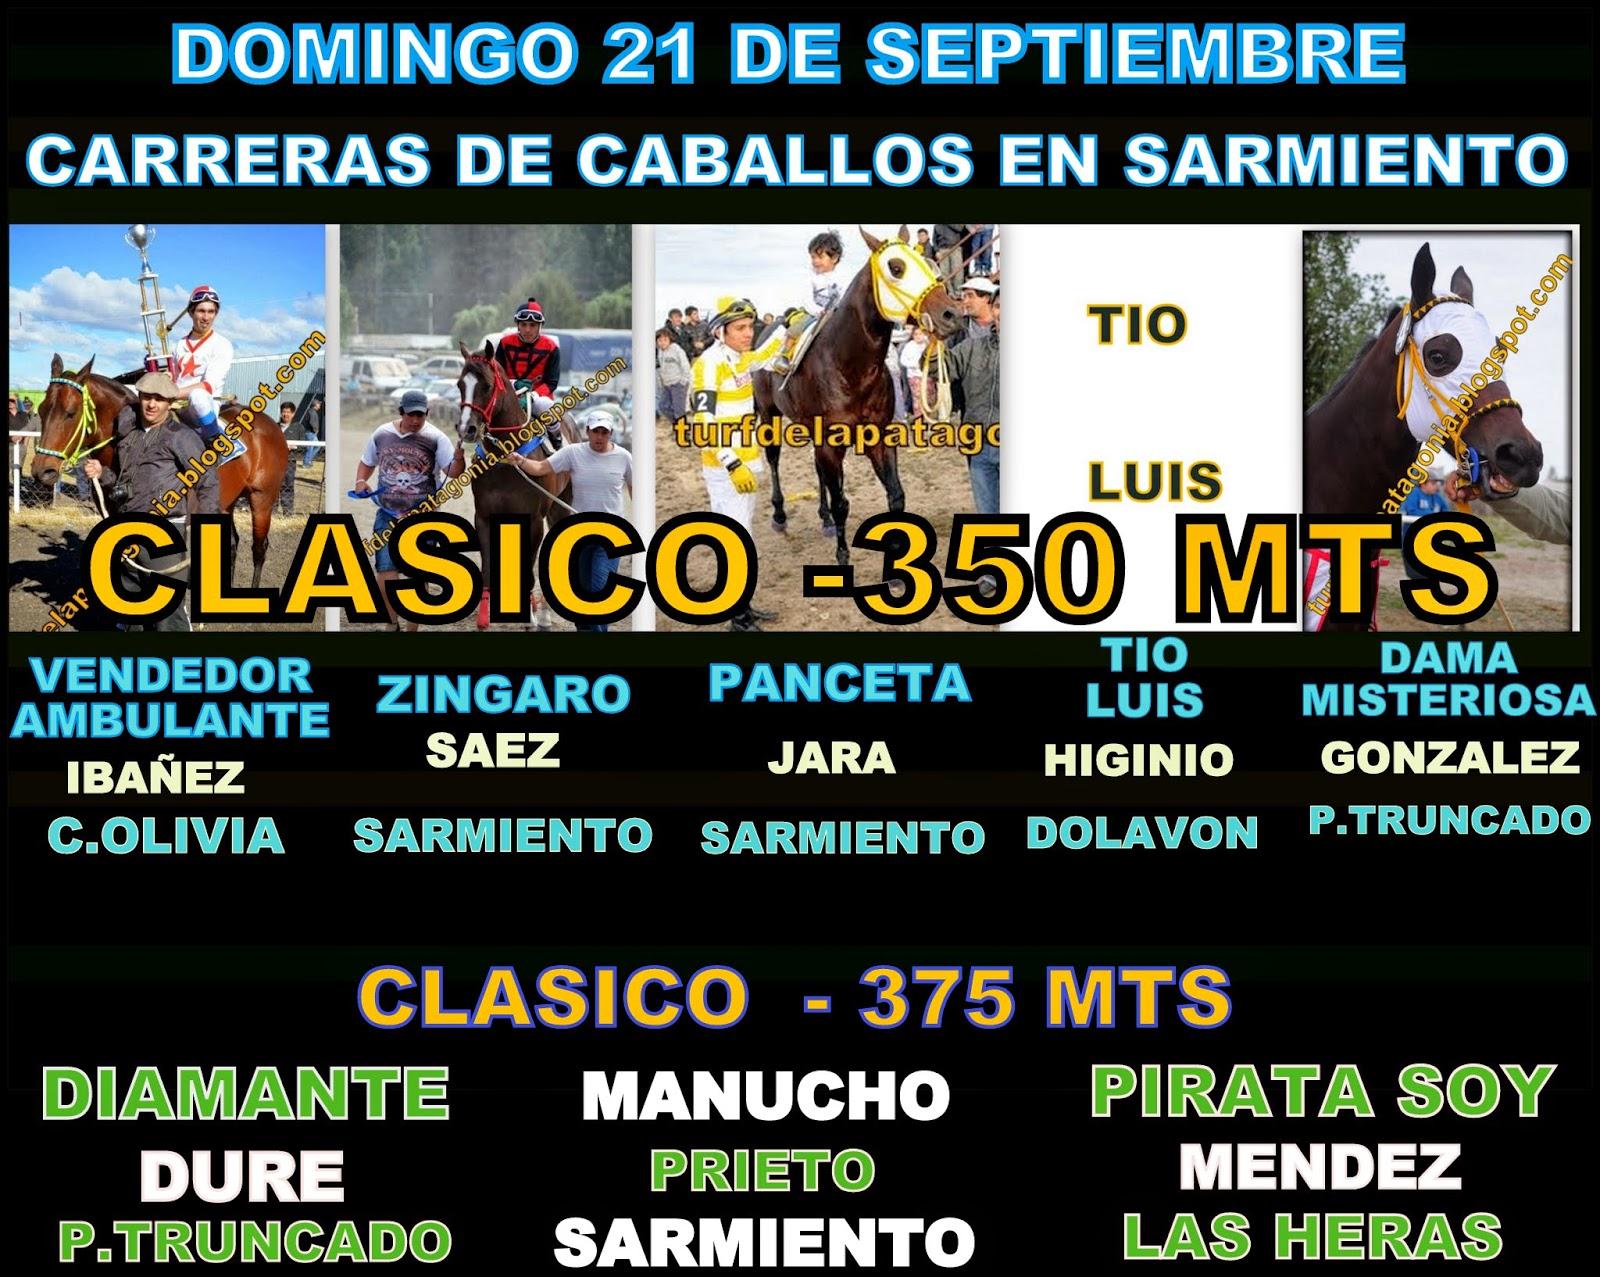 http://turfdelapatagonia.blogspot.com.ar/2014/08/2109-adelantos-de-carreras-de-caballos.html